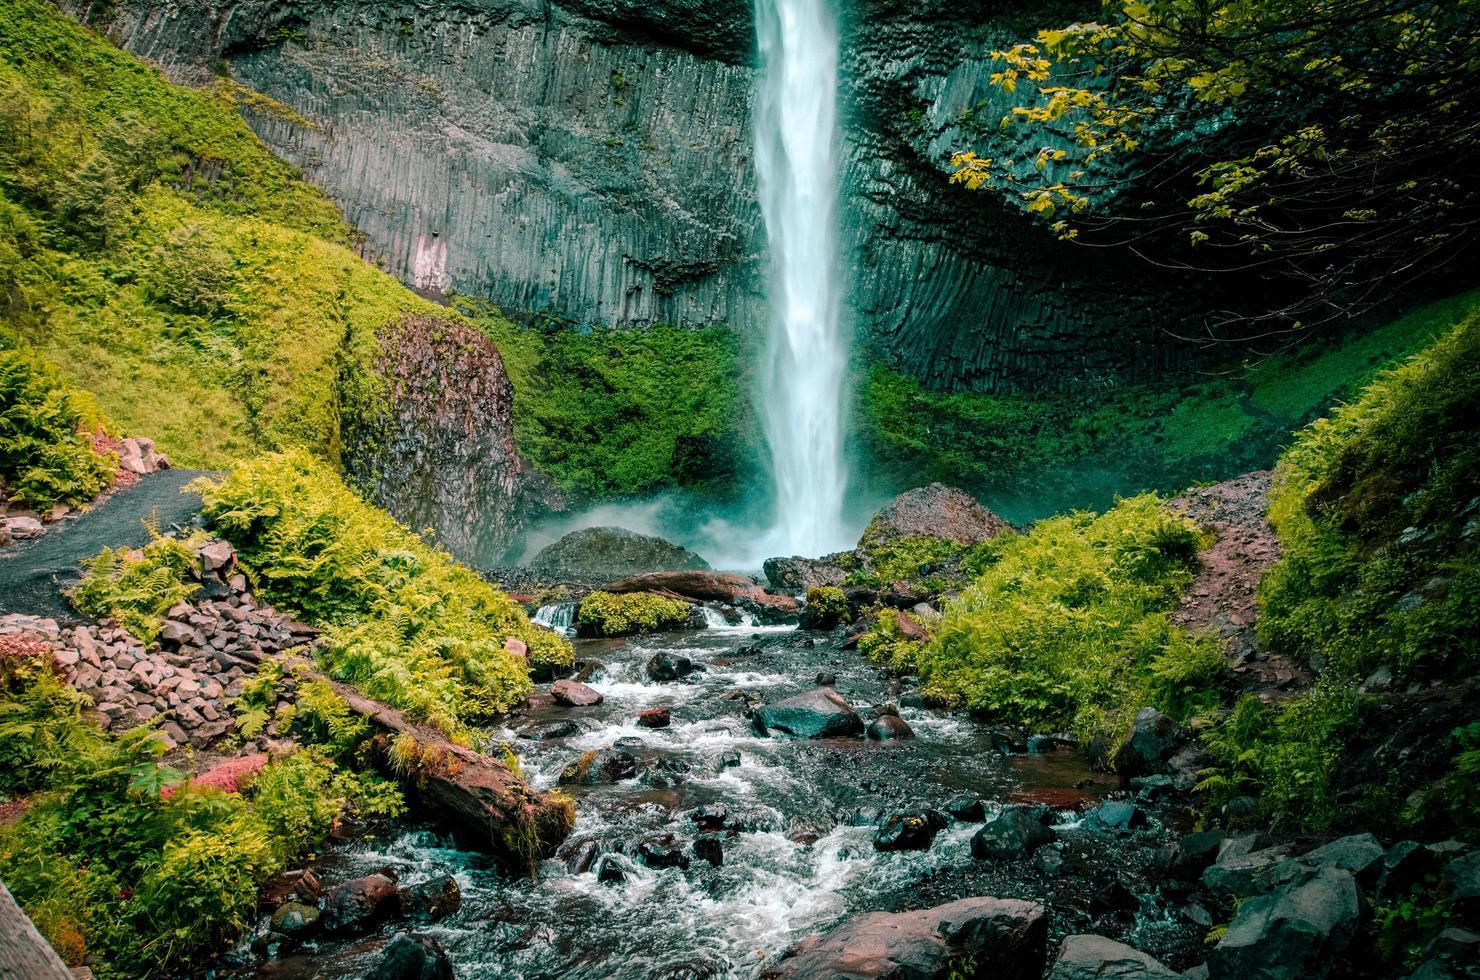 cascade sur les rochers photo